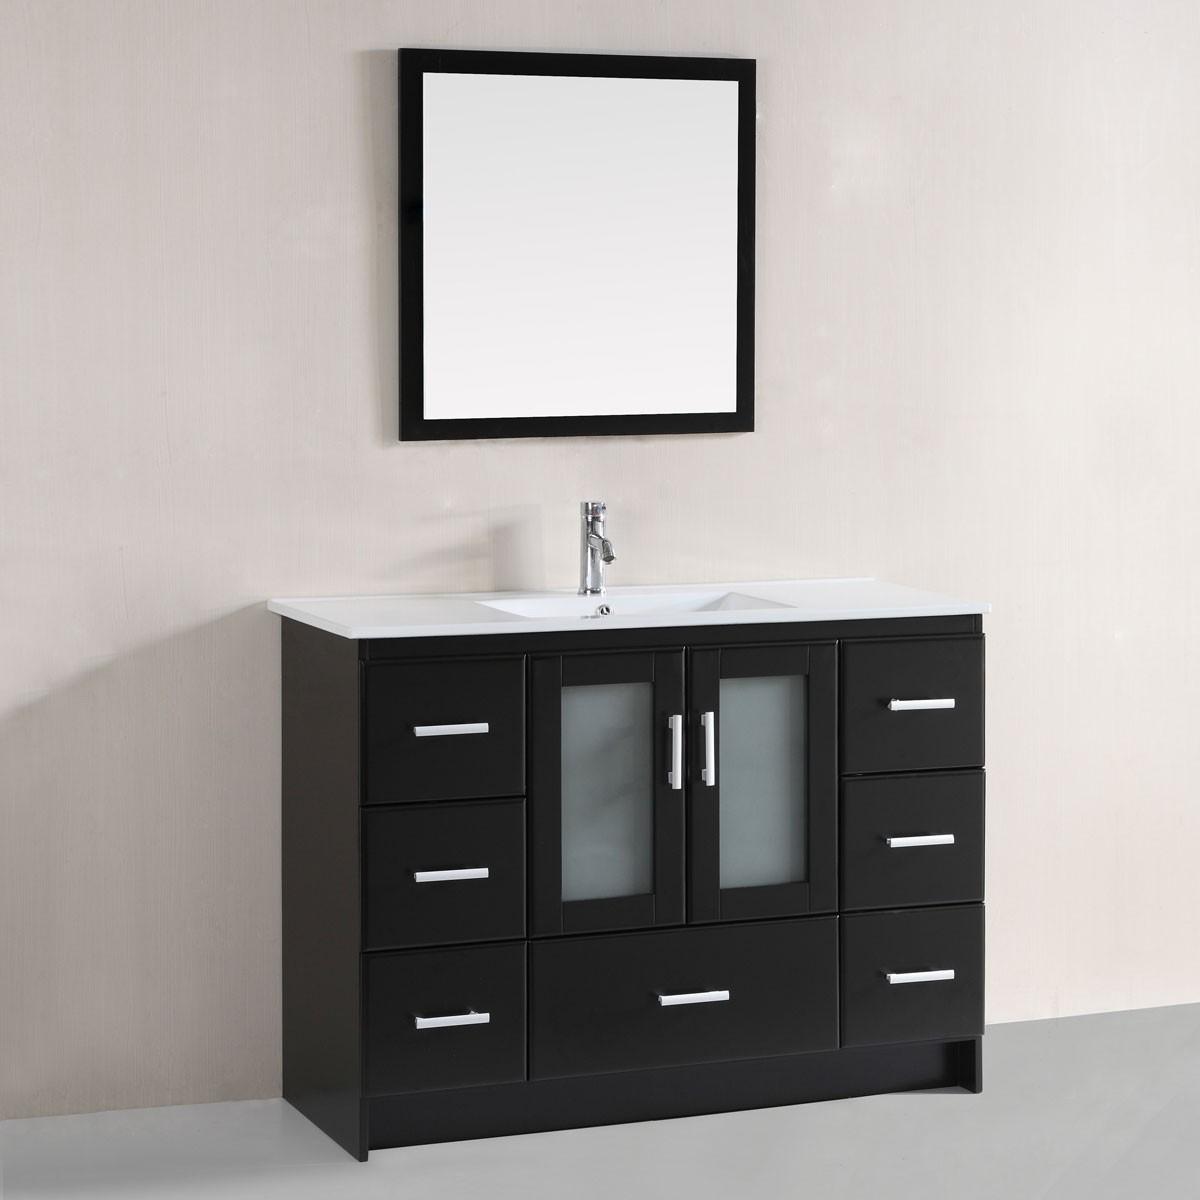 48 po meuble salle de bain sur pieds lavabo simple avec - Meuble lavabo sur pied ...